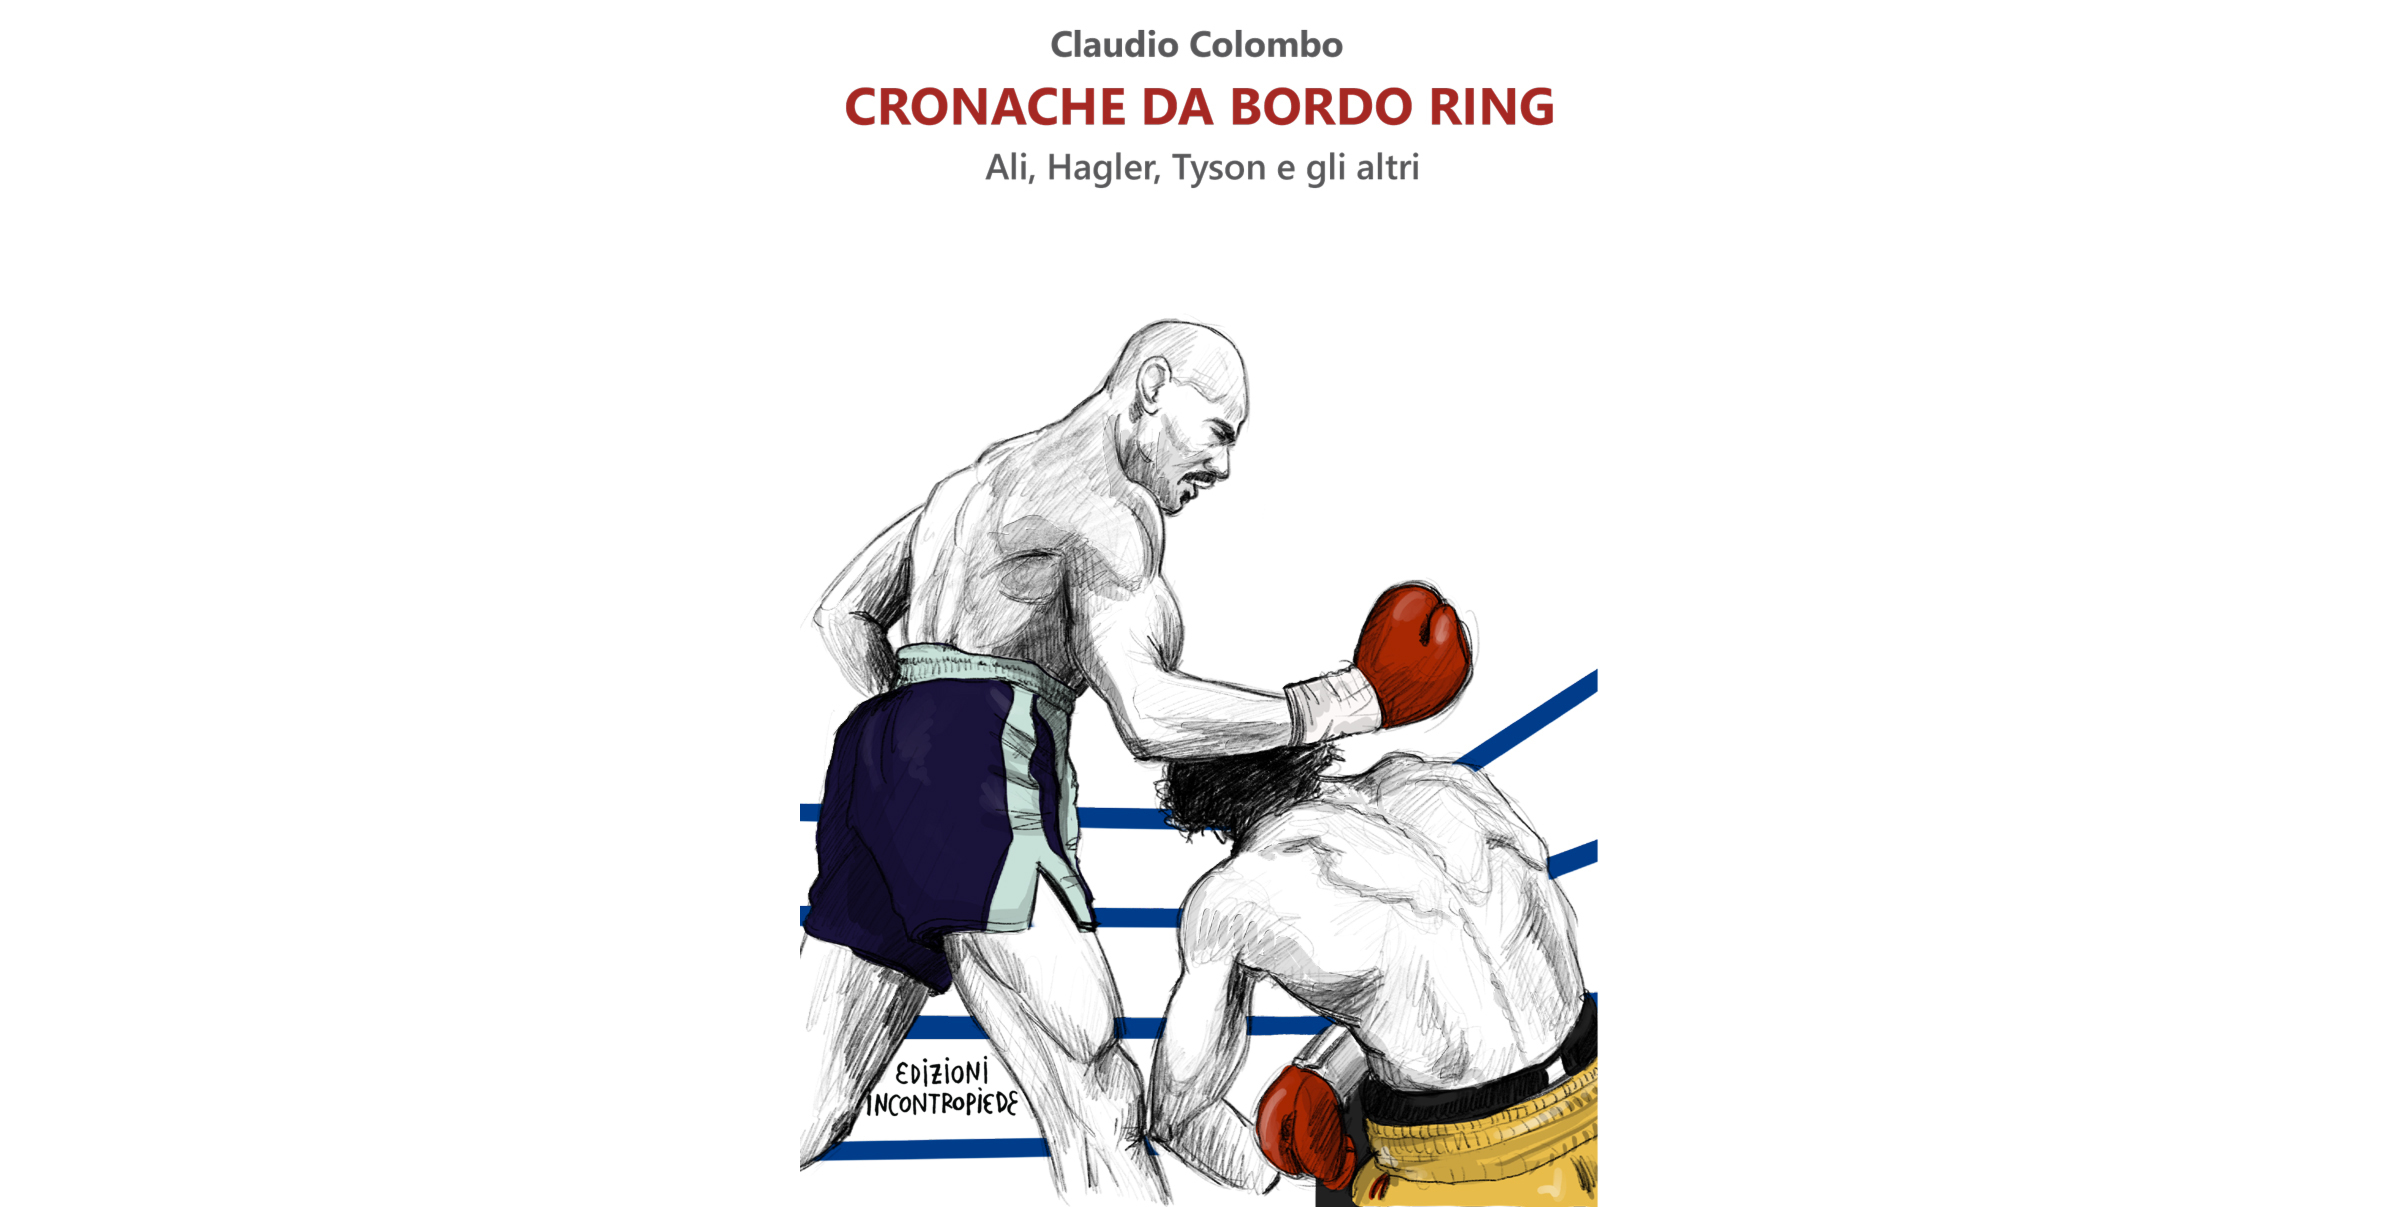 Cronache da bordo ring, Claudio Colombo ripercorre le vicende di mostri sacri, ma anche di outsider e perdenti della grande boxe.